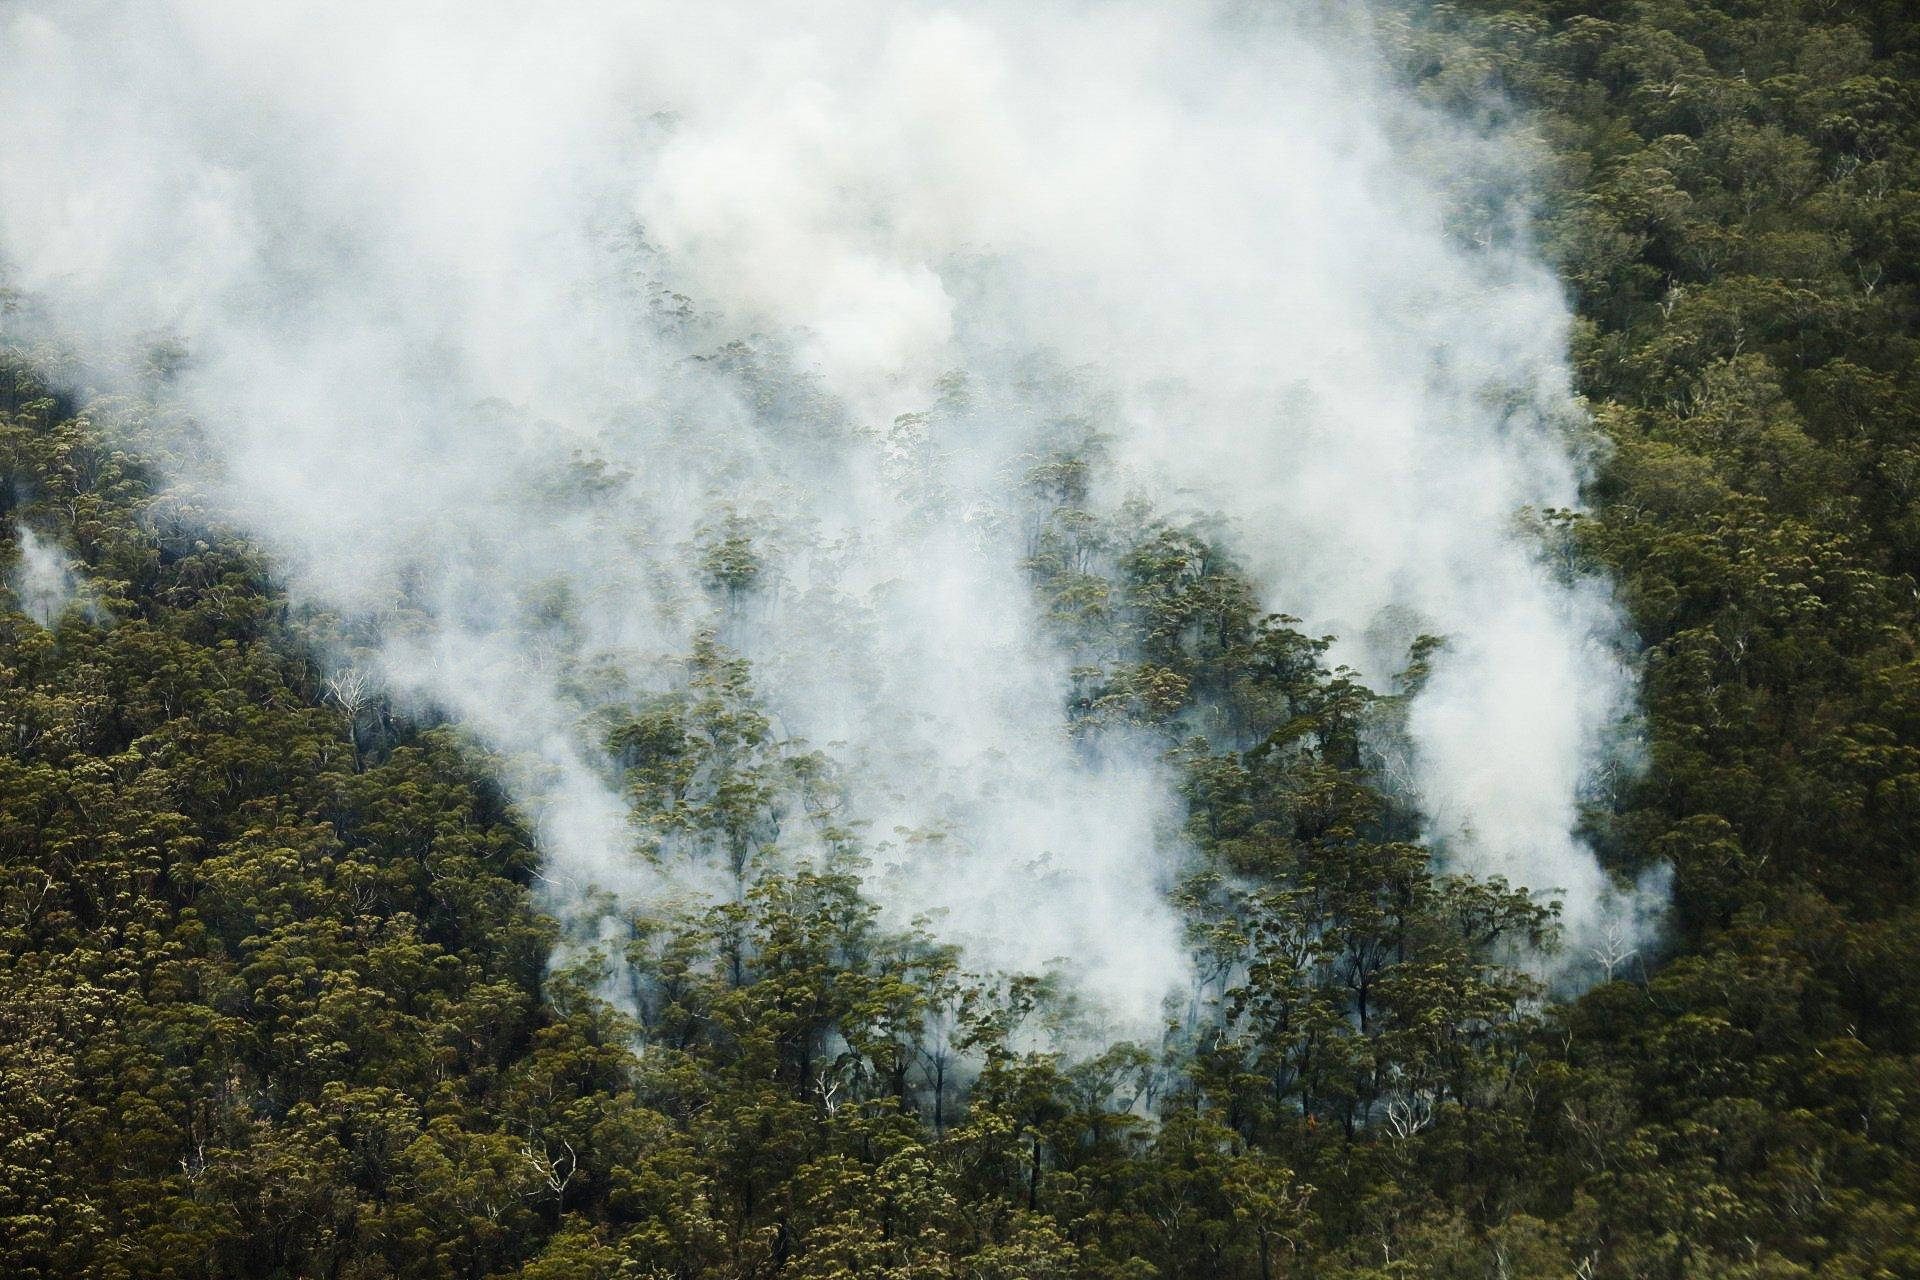 IFAW-Australien-Koalas-Aufforstung-Waldbrände_2.jpg